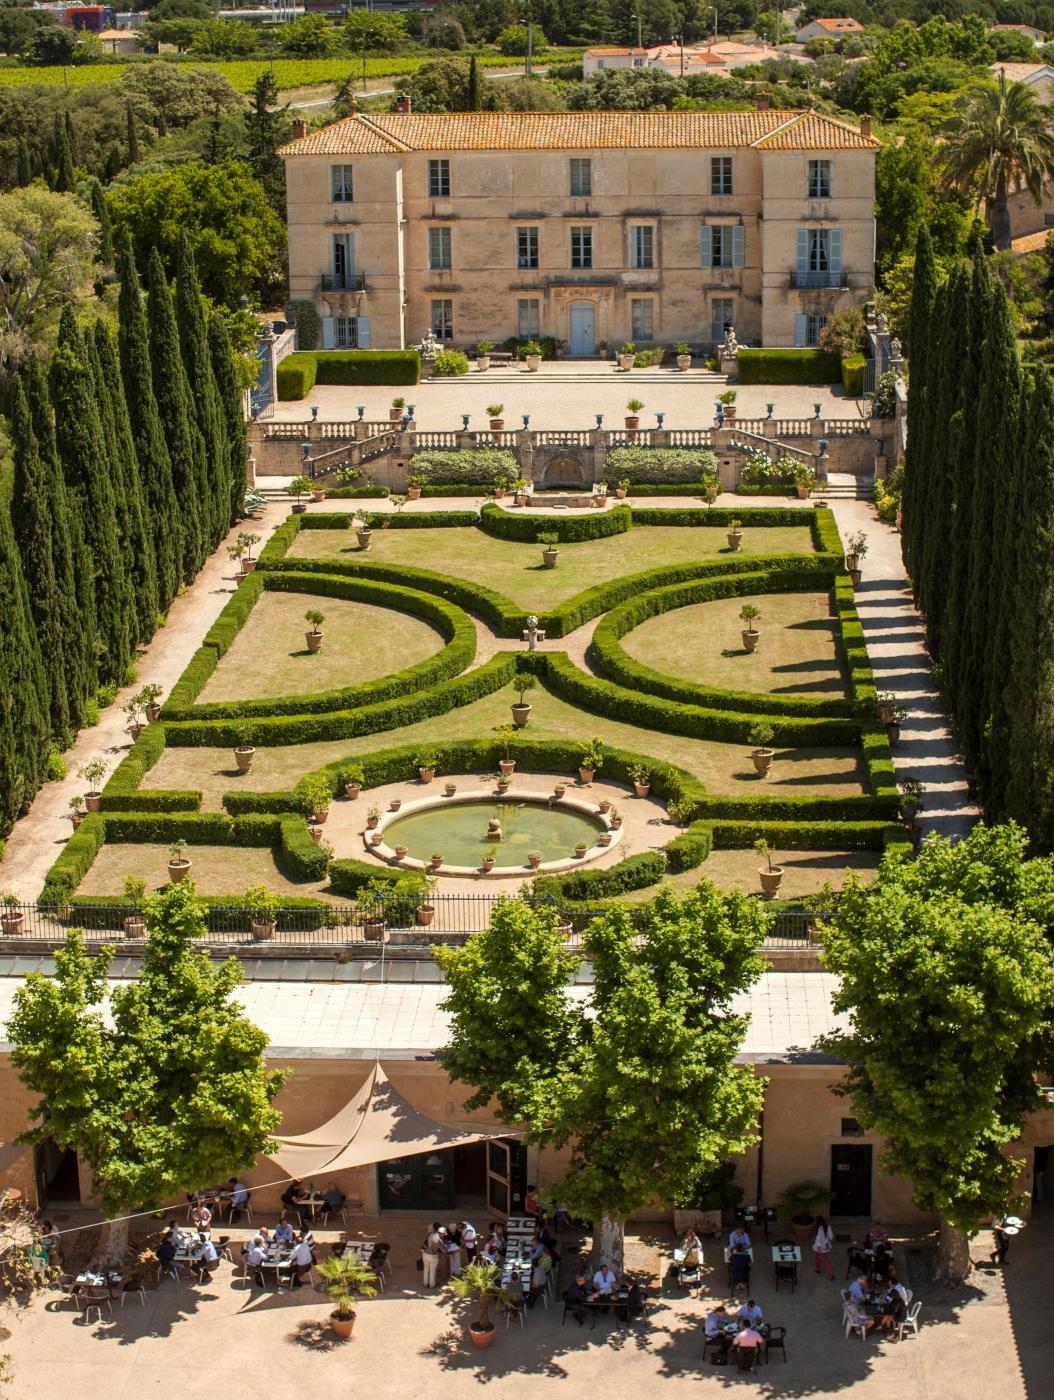 Flaugergues castle flaugergues castle annuaire visit for Chateau olivier